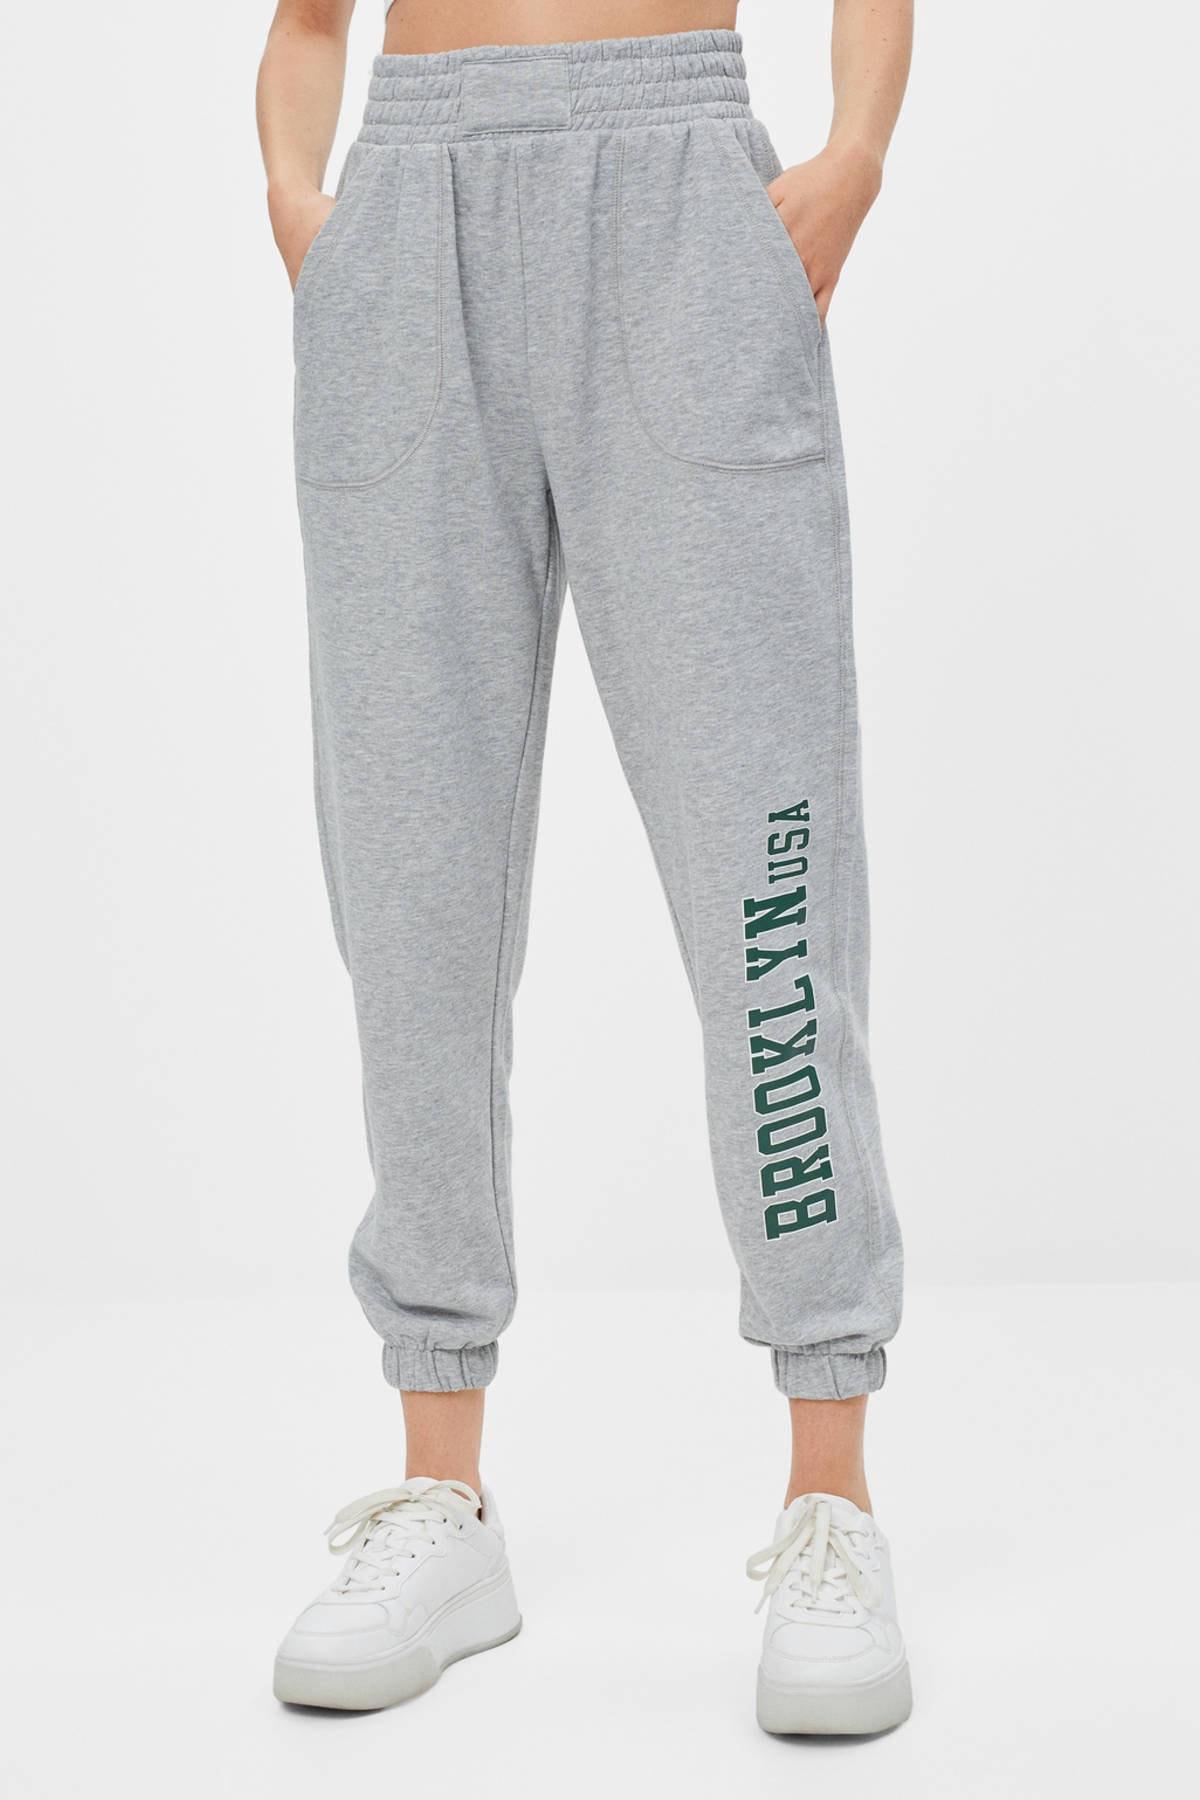 Bershka kadın Gri Desenli Jogger Pantolon 2